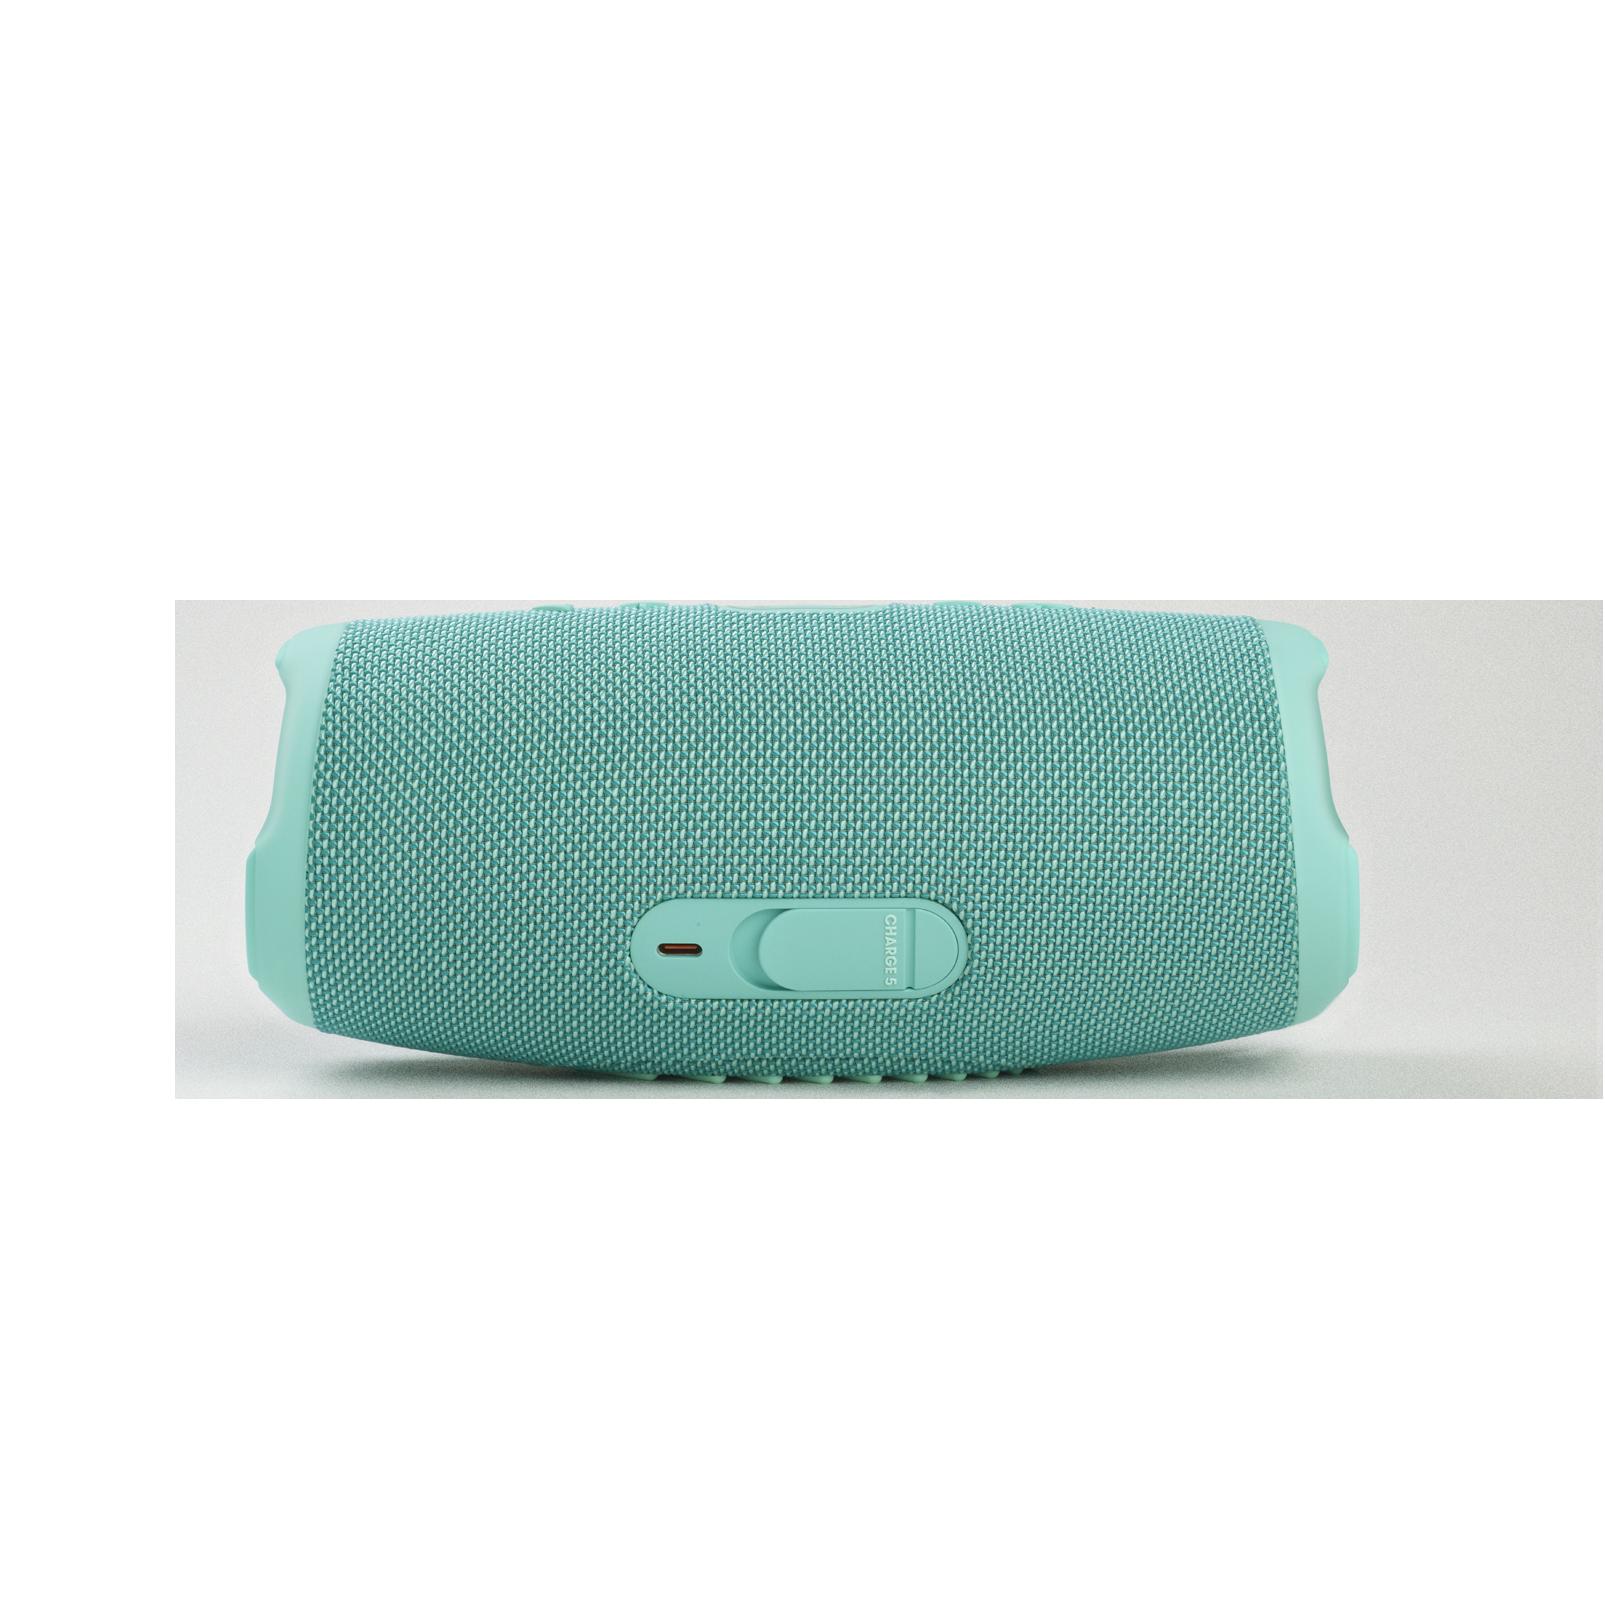 JBL Charge 5 - Teal - Portable Waterproof Speaker with Powerbank - Back